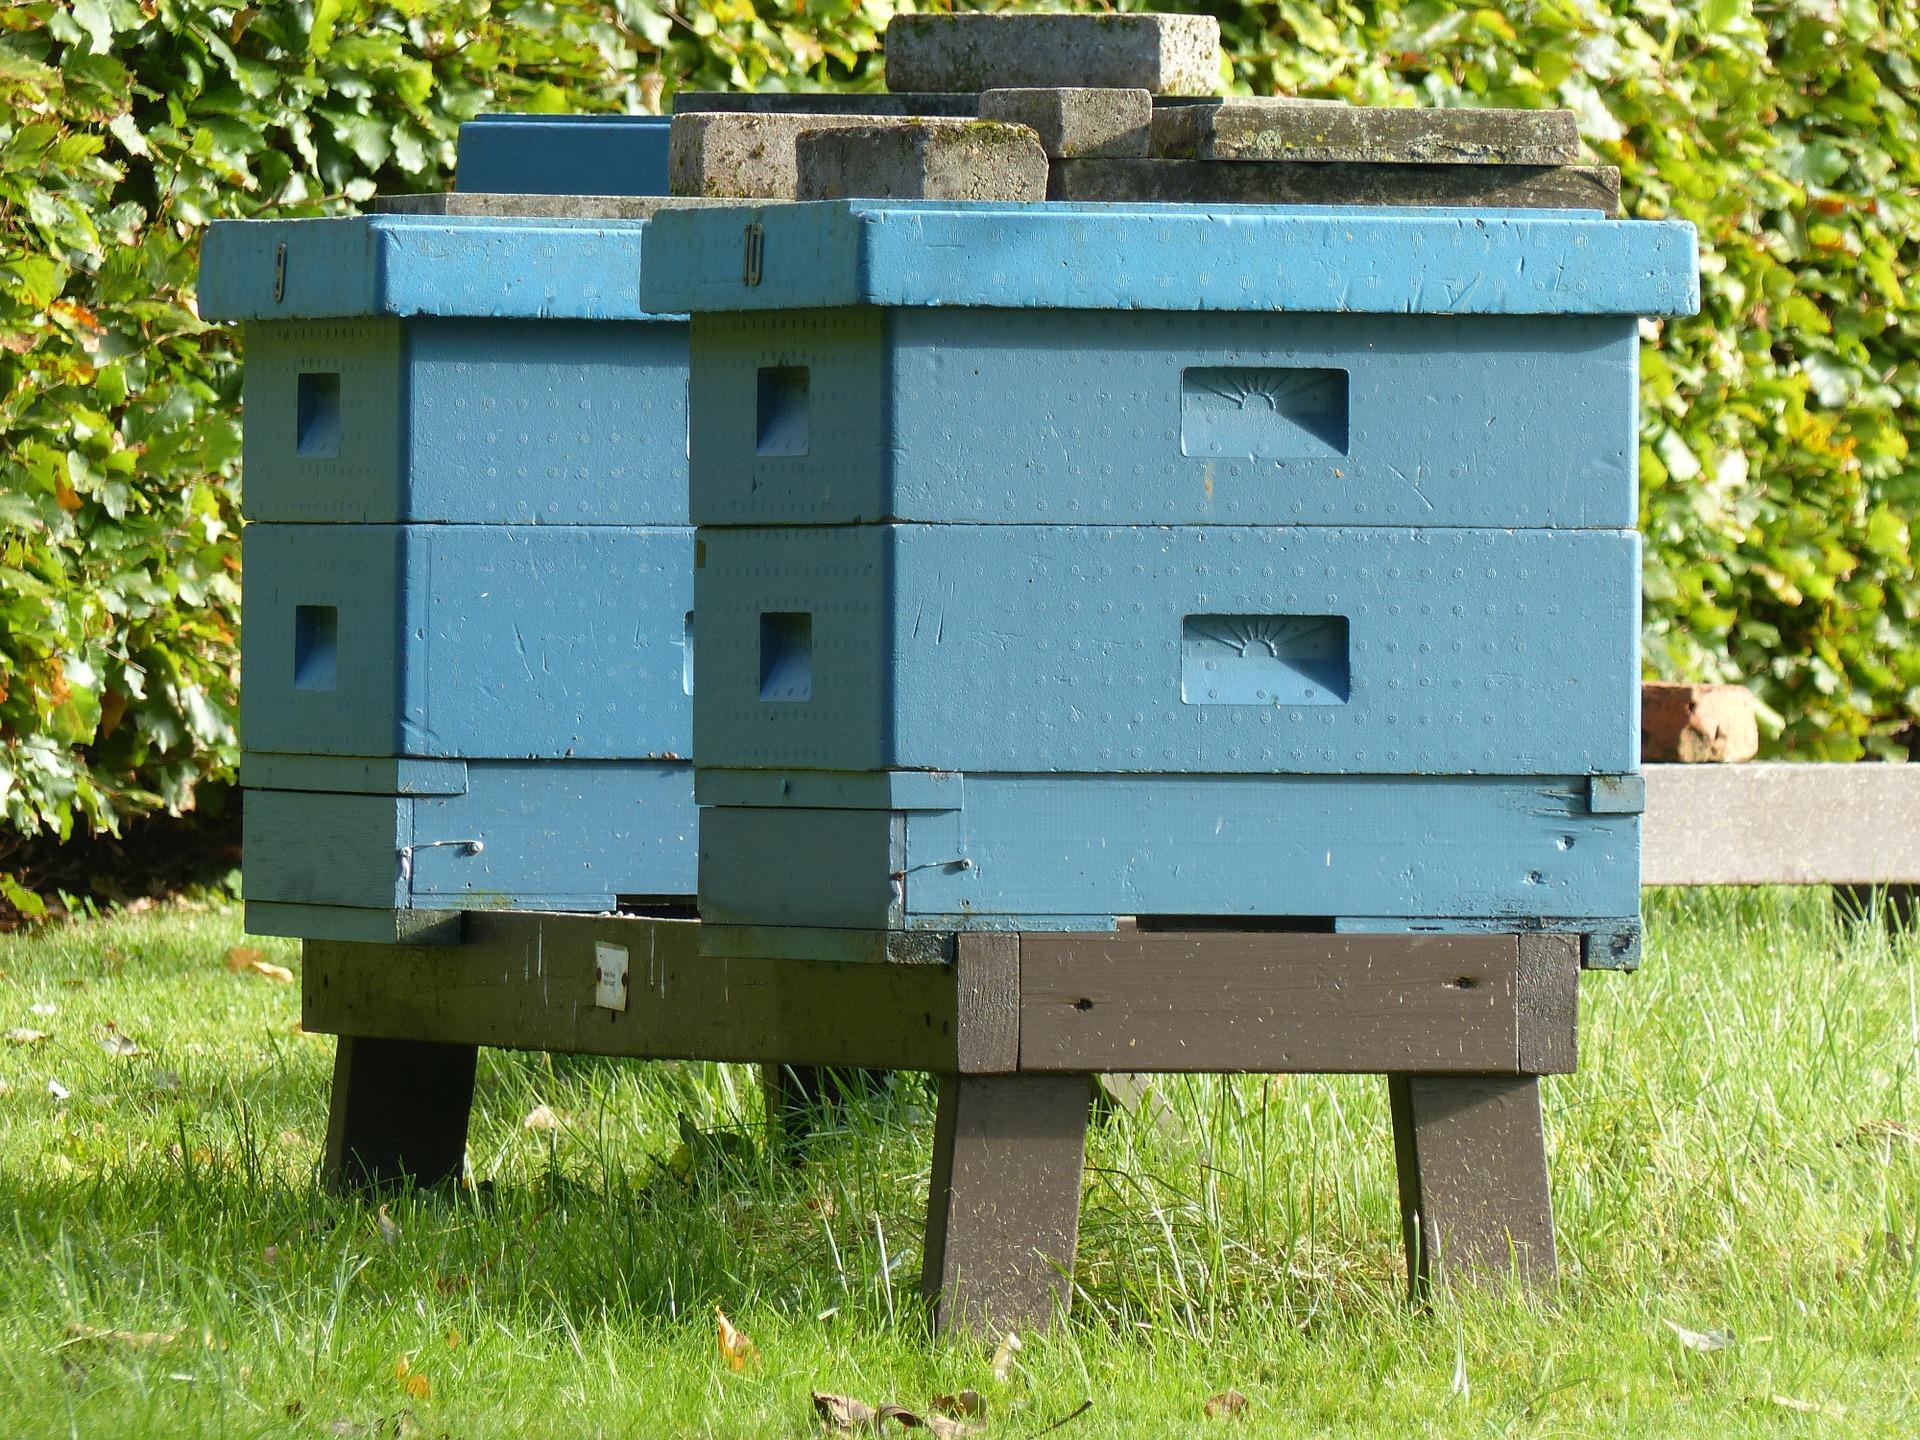 Installer une ruche dans son jardin for Avoir une ruche dans son jardin